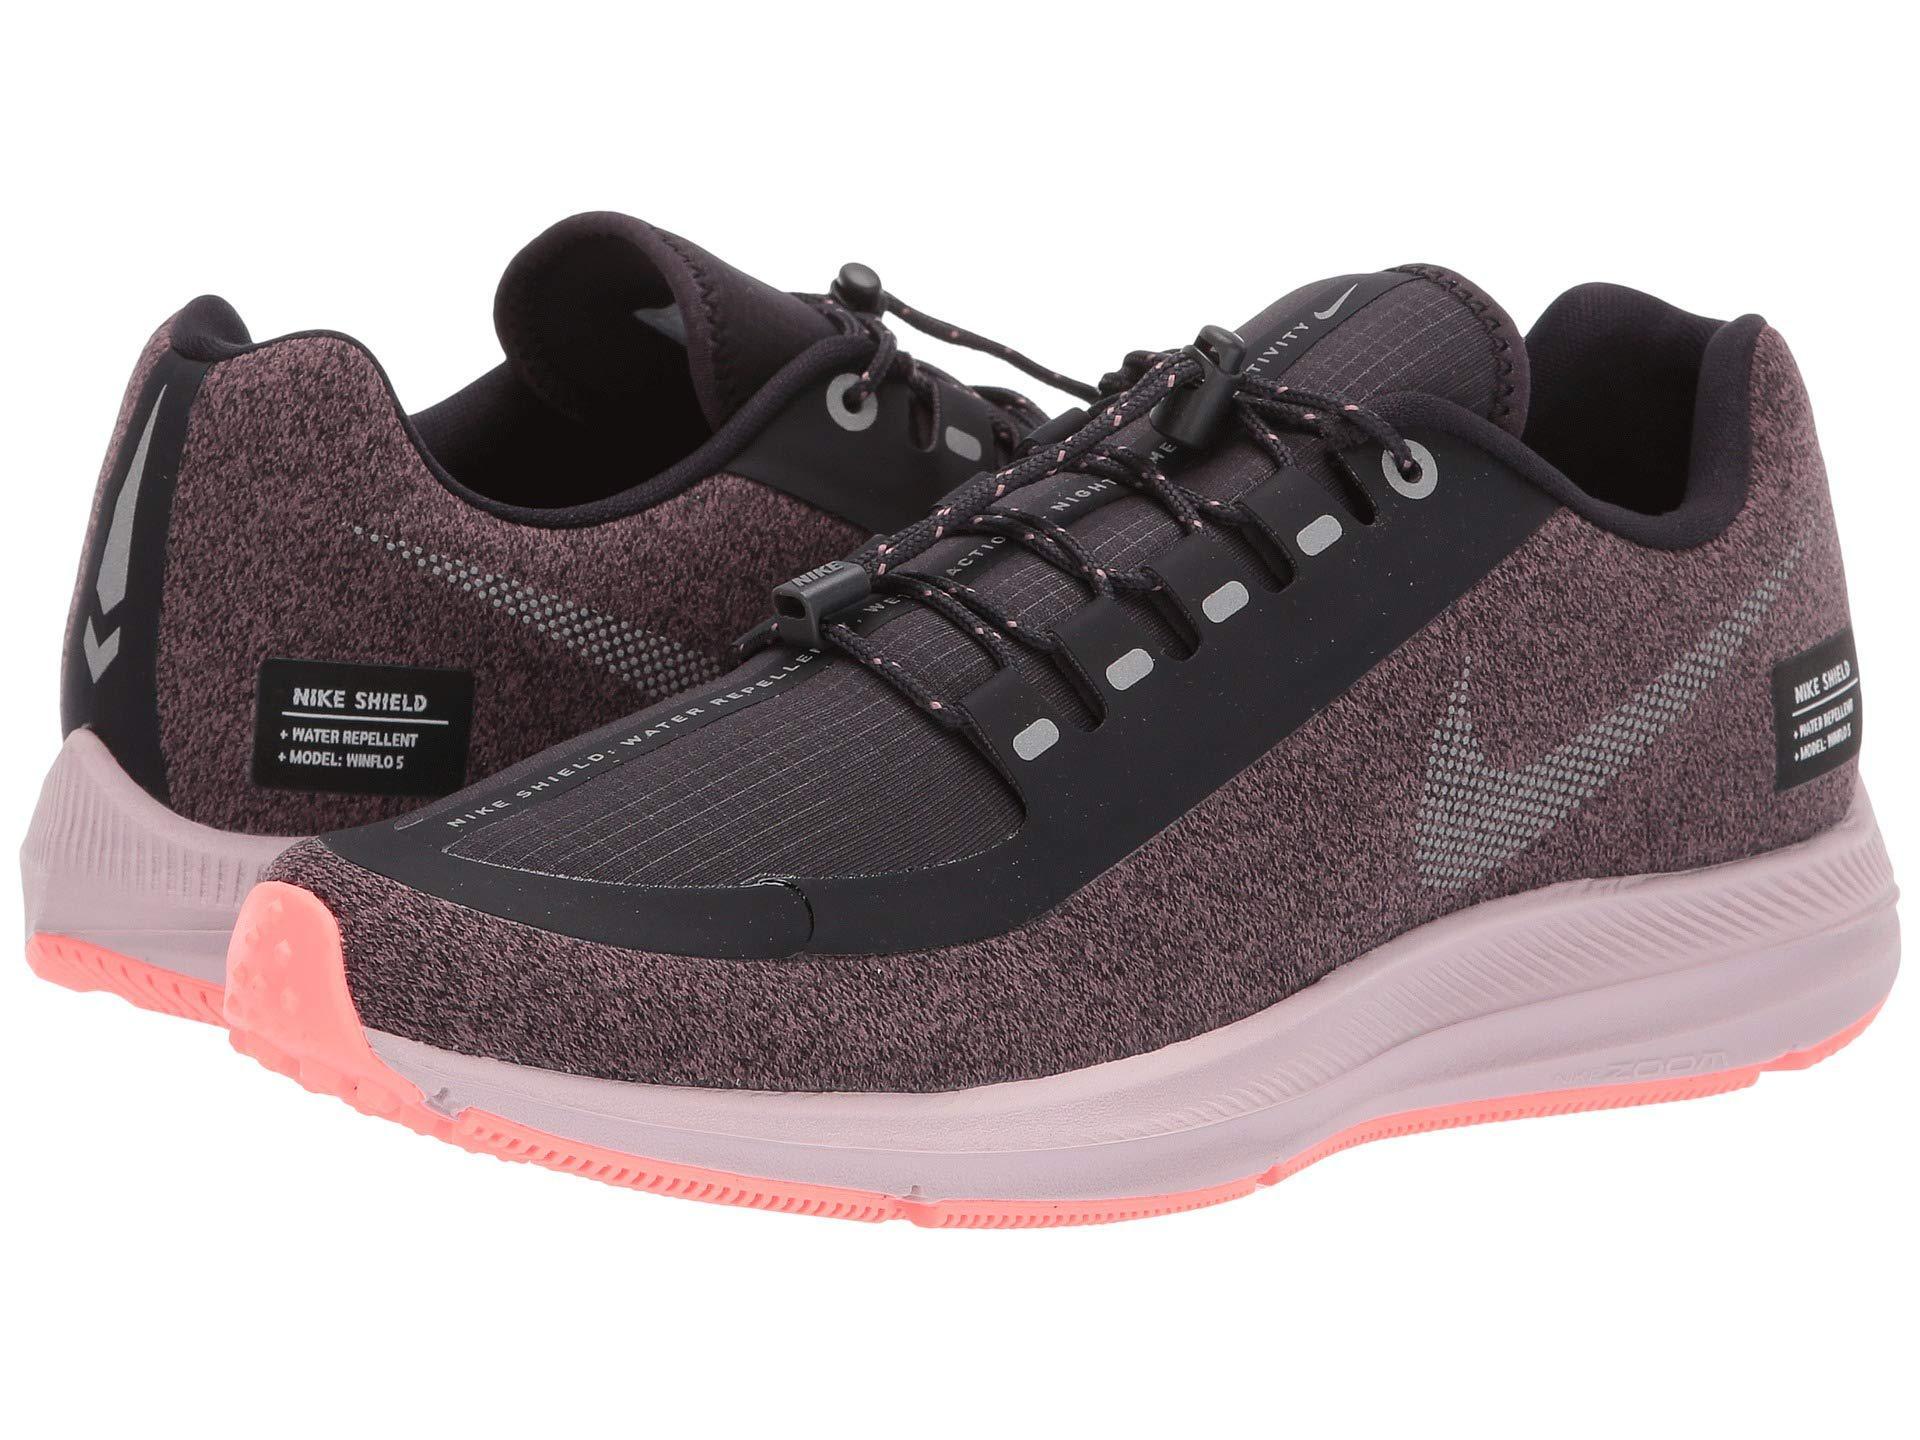 70e47c314de1 Nike. Air Zoom Winflo 5 Run Shield (smokey Mauve metallic Silver oil Grey) Women s  Running Shoes